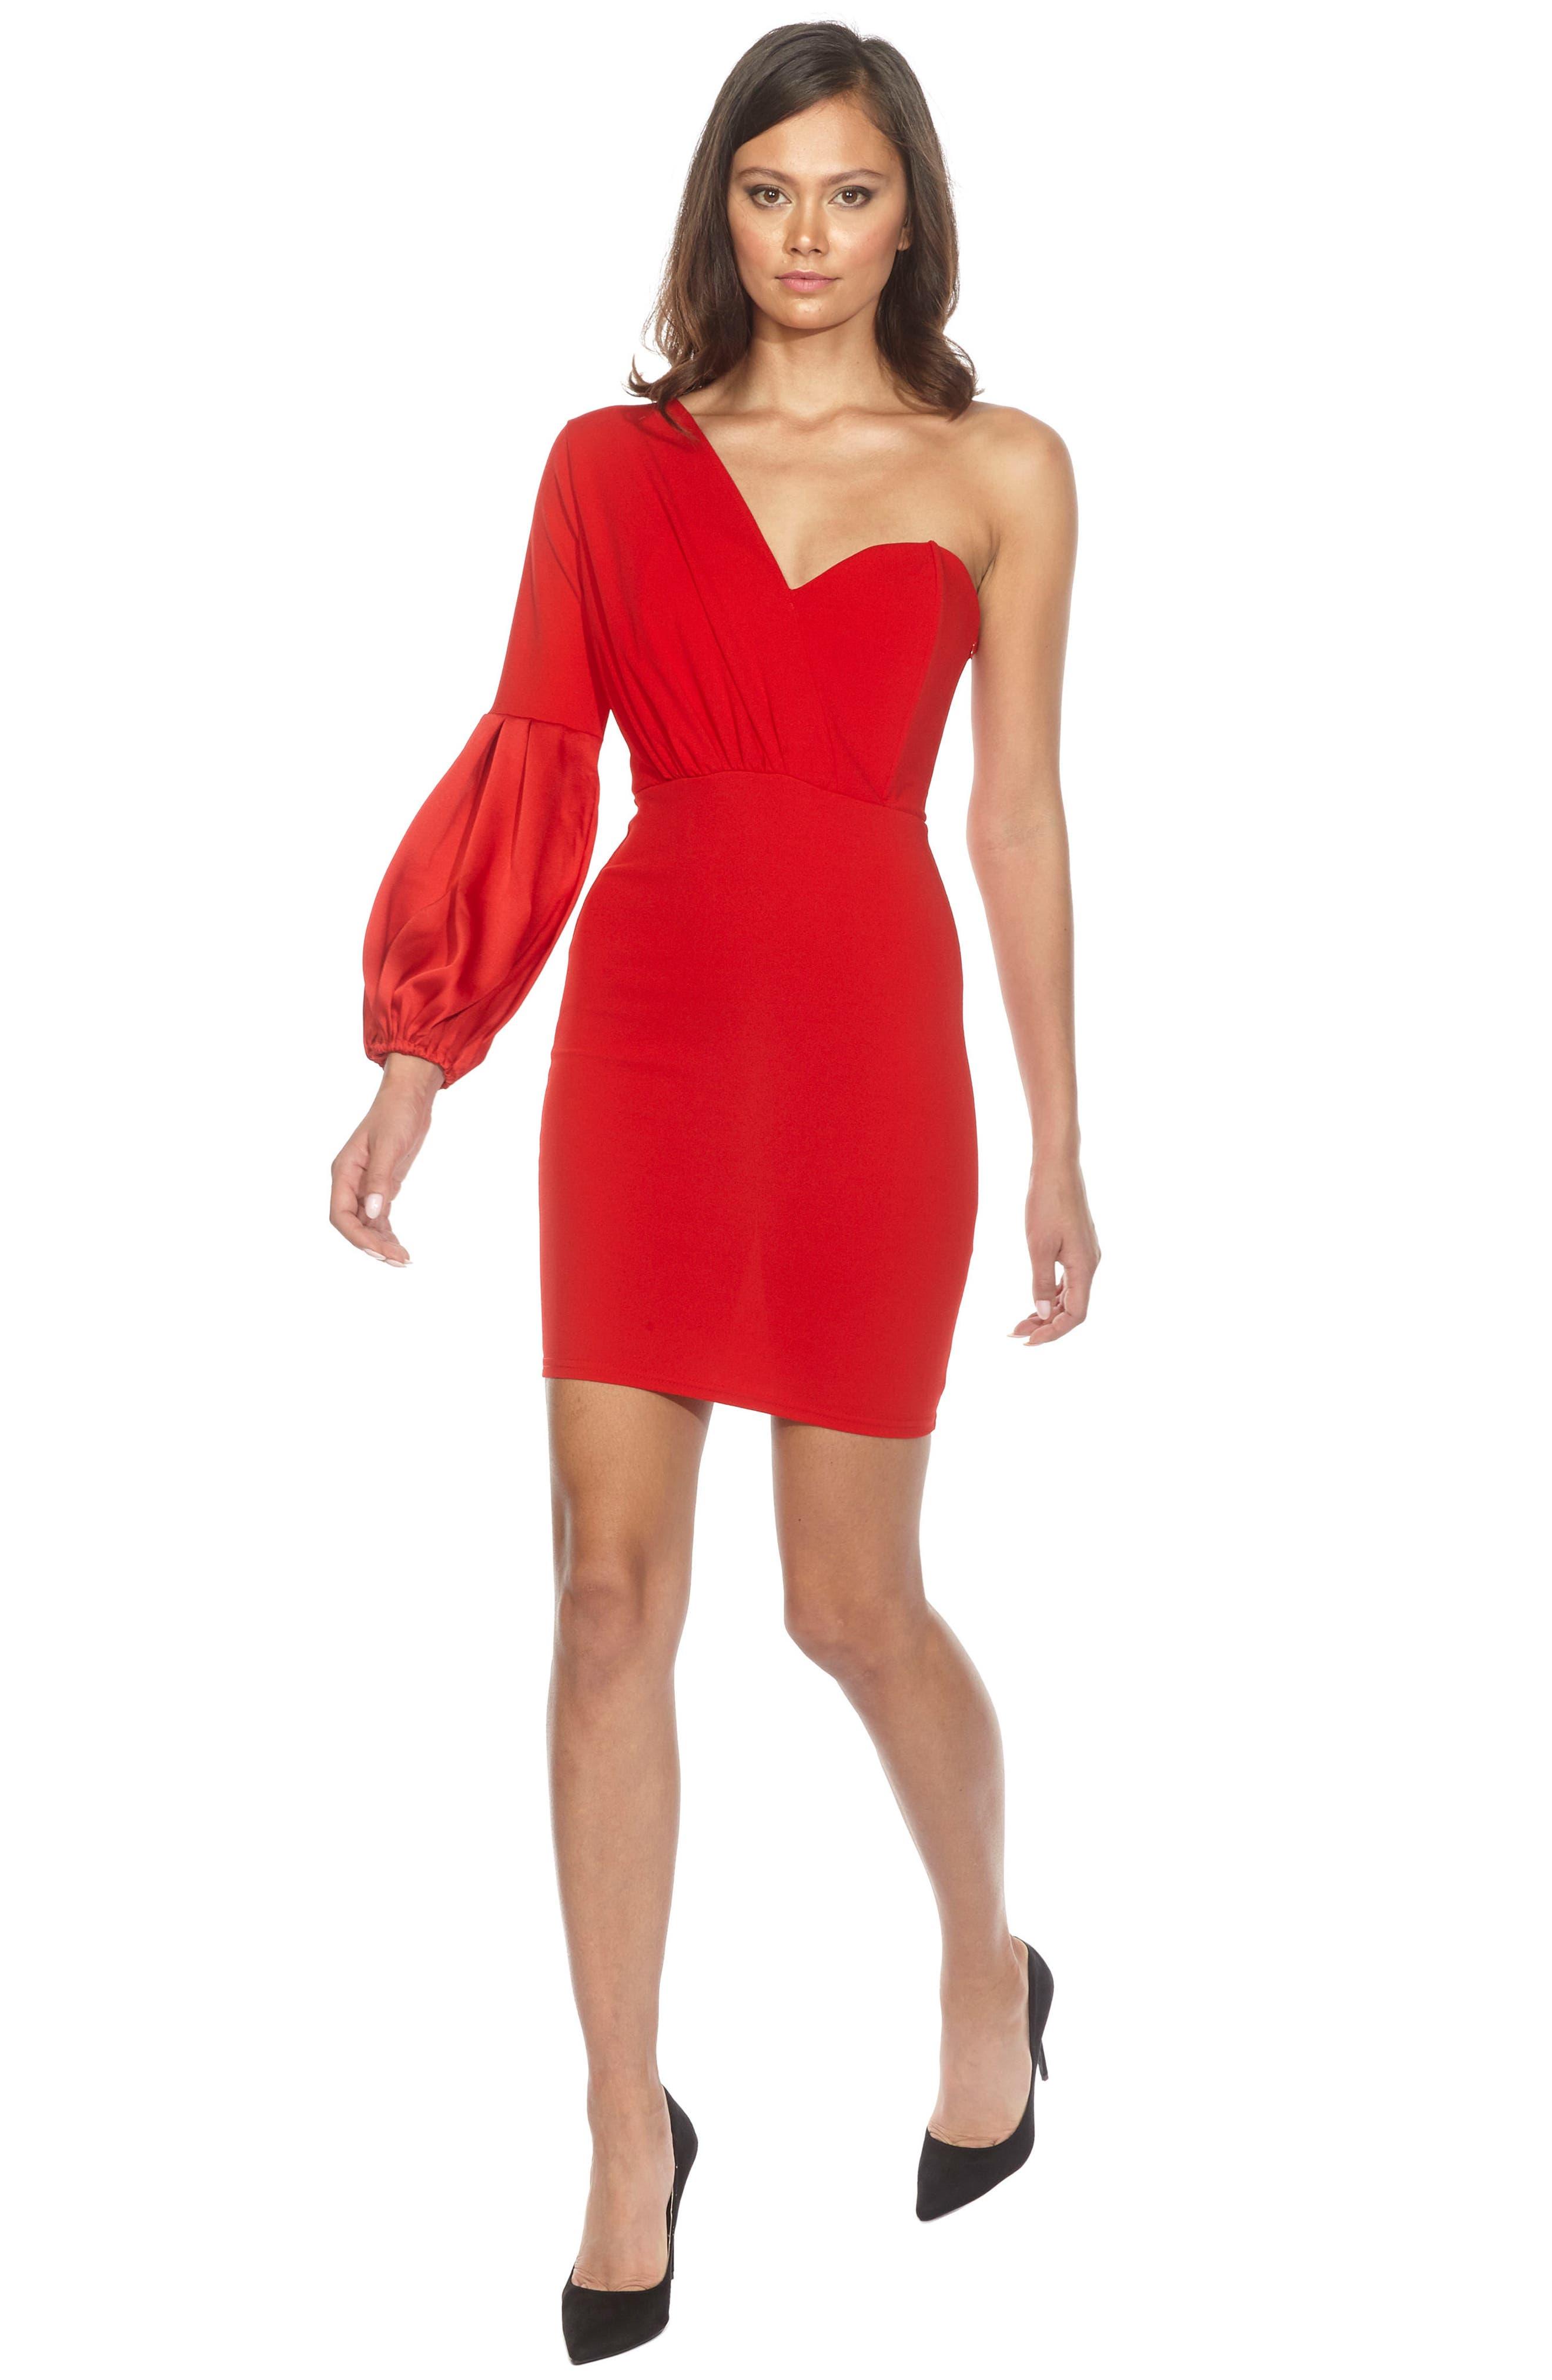 Naeva One-Shoulder Minidress,                             Alternate thumbnail 3, color,                             610